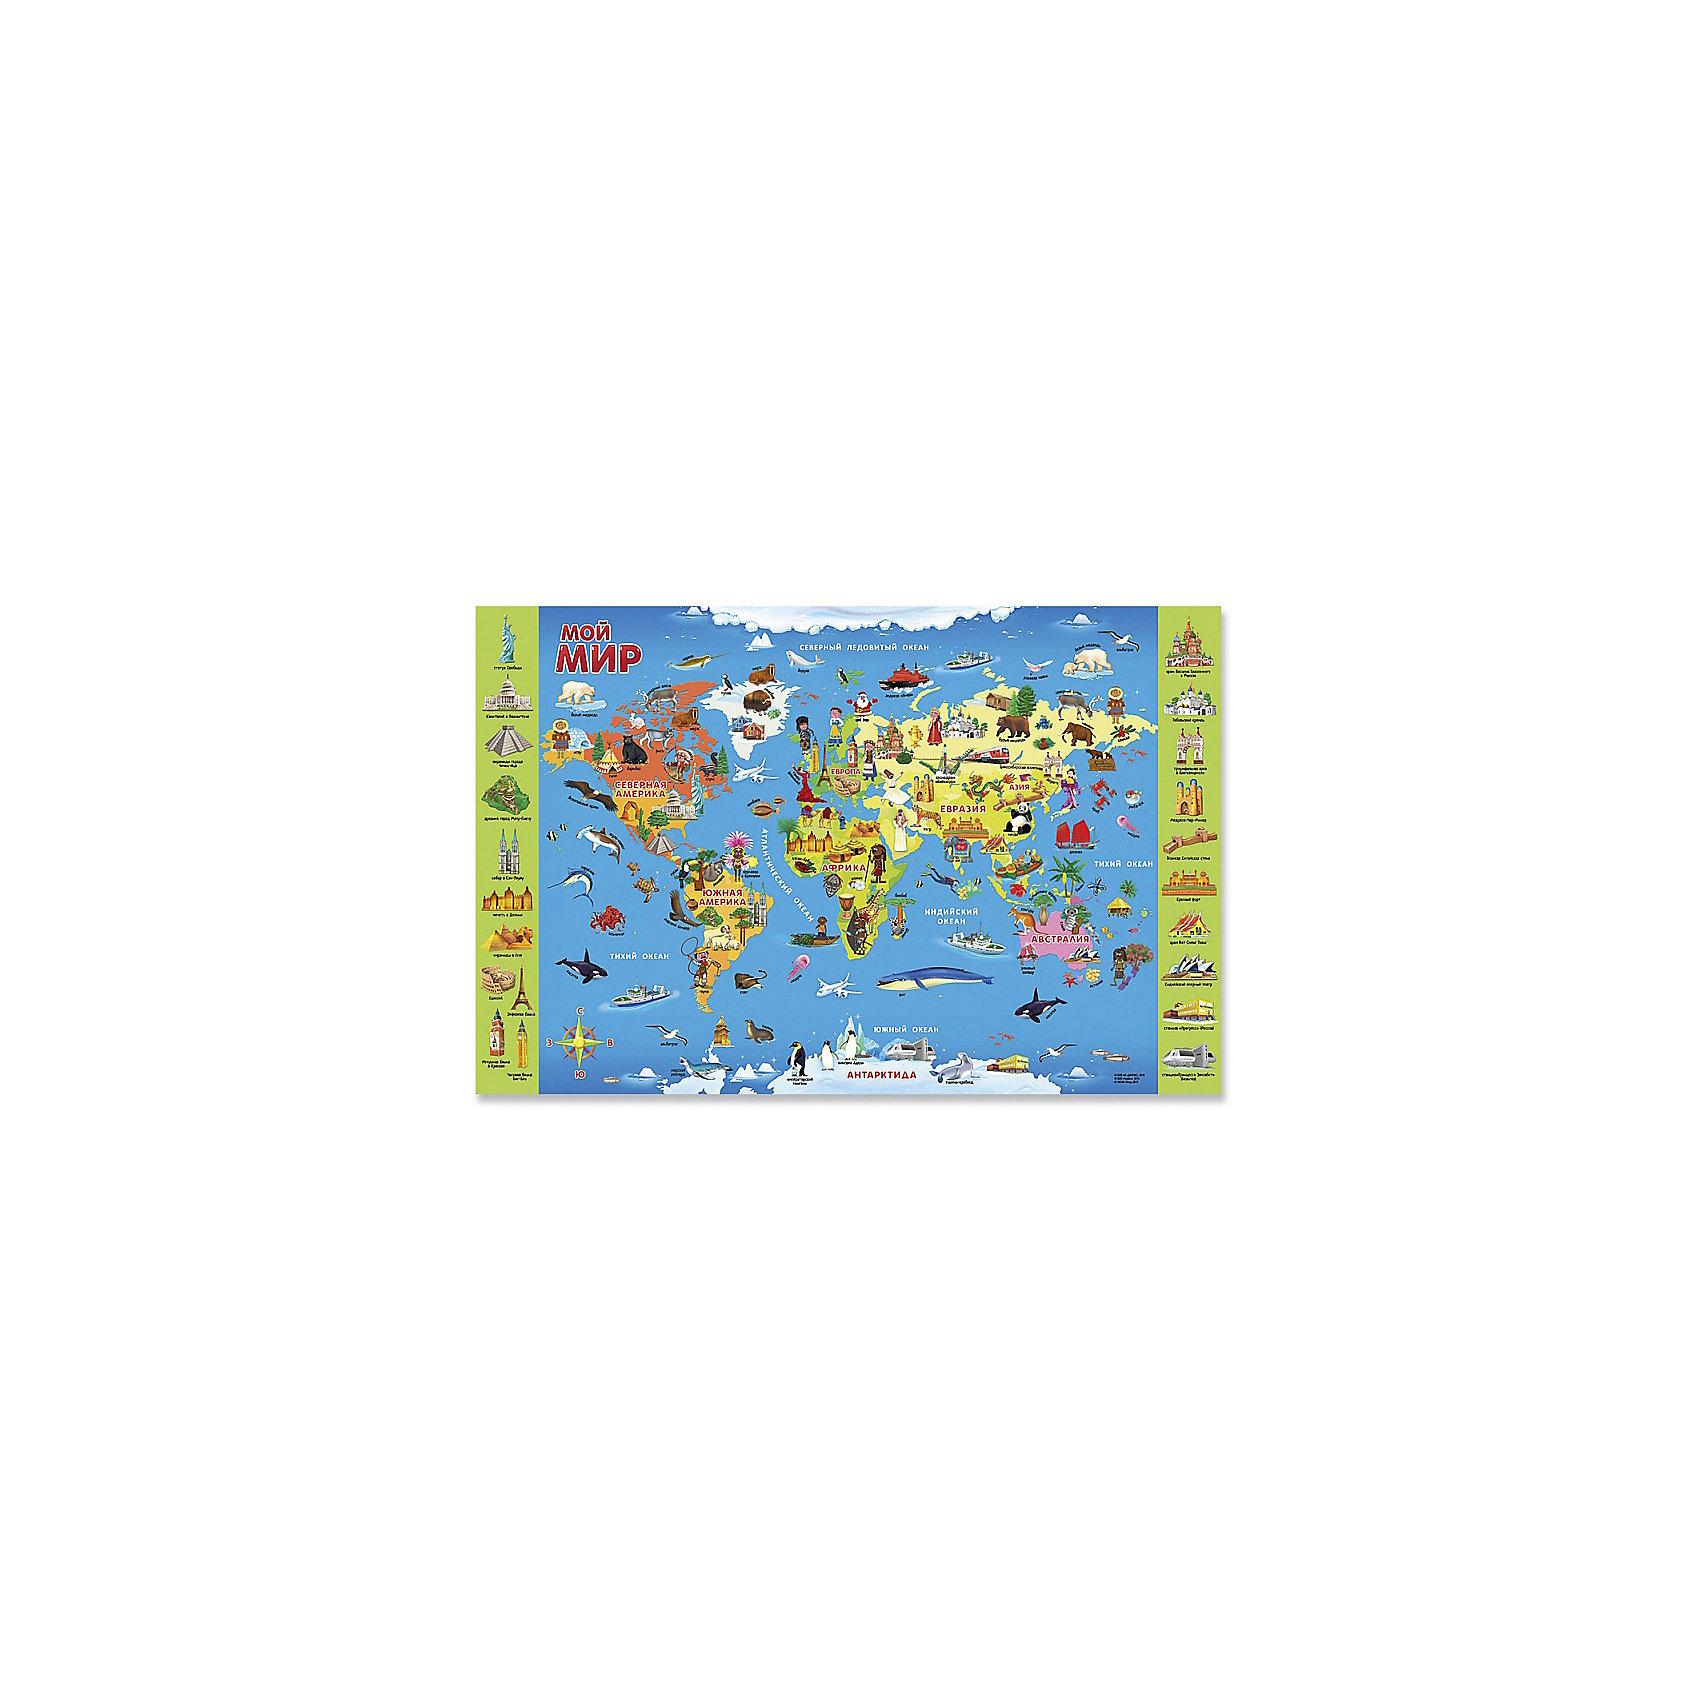 Настольная карта Мой мир 58*38 см, ламинированнаяПлакаты и карты<br>Новая карта «Мой мир» от издательства «ГЕОДОМ» познакомит ребенка с окружающим миром. На карте изображены материки и океаны, животные, которые обитают на континентах, а также интересные достопримечательности со всех уголков нашей планеты. Удобный формат карты позволяет расположить ее в любом месте, чтобы карта всегда была под рукой у ребенка. Двойная ламинация защитит карту от внешних повреждений и загрязнений.<br><br>Ширина мм: 580<br>Глубина мм: 380<br>Высота мм: 1<br>Вес г: 100<br>Возраст от месяцев: 36<br>Возраст до месяцев: 2147483647<br>Пол: Унисекс<br>Возраст: Детский<br>SKU: 5423000